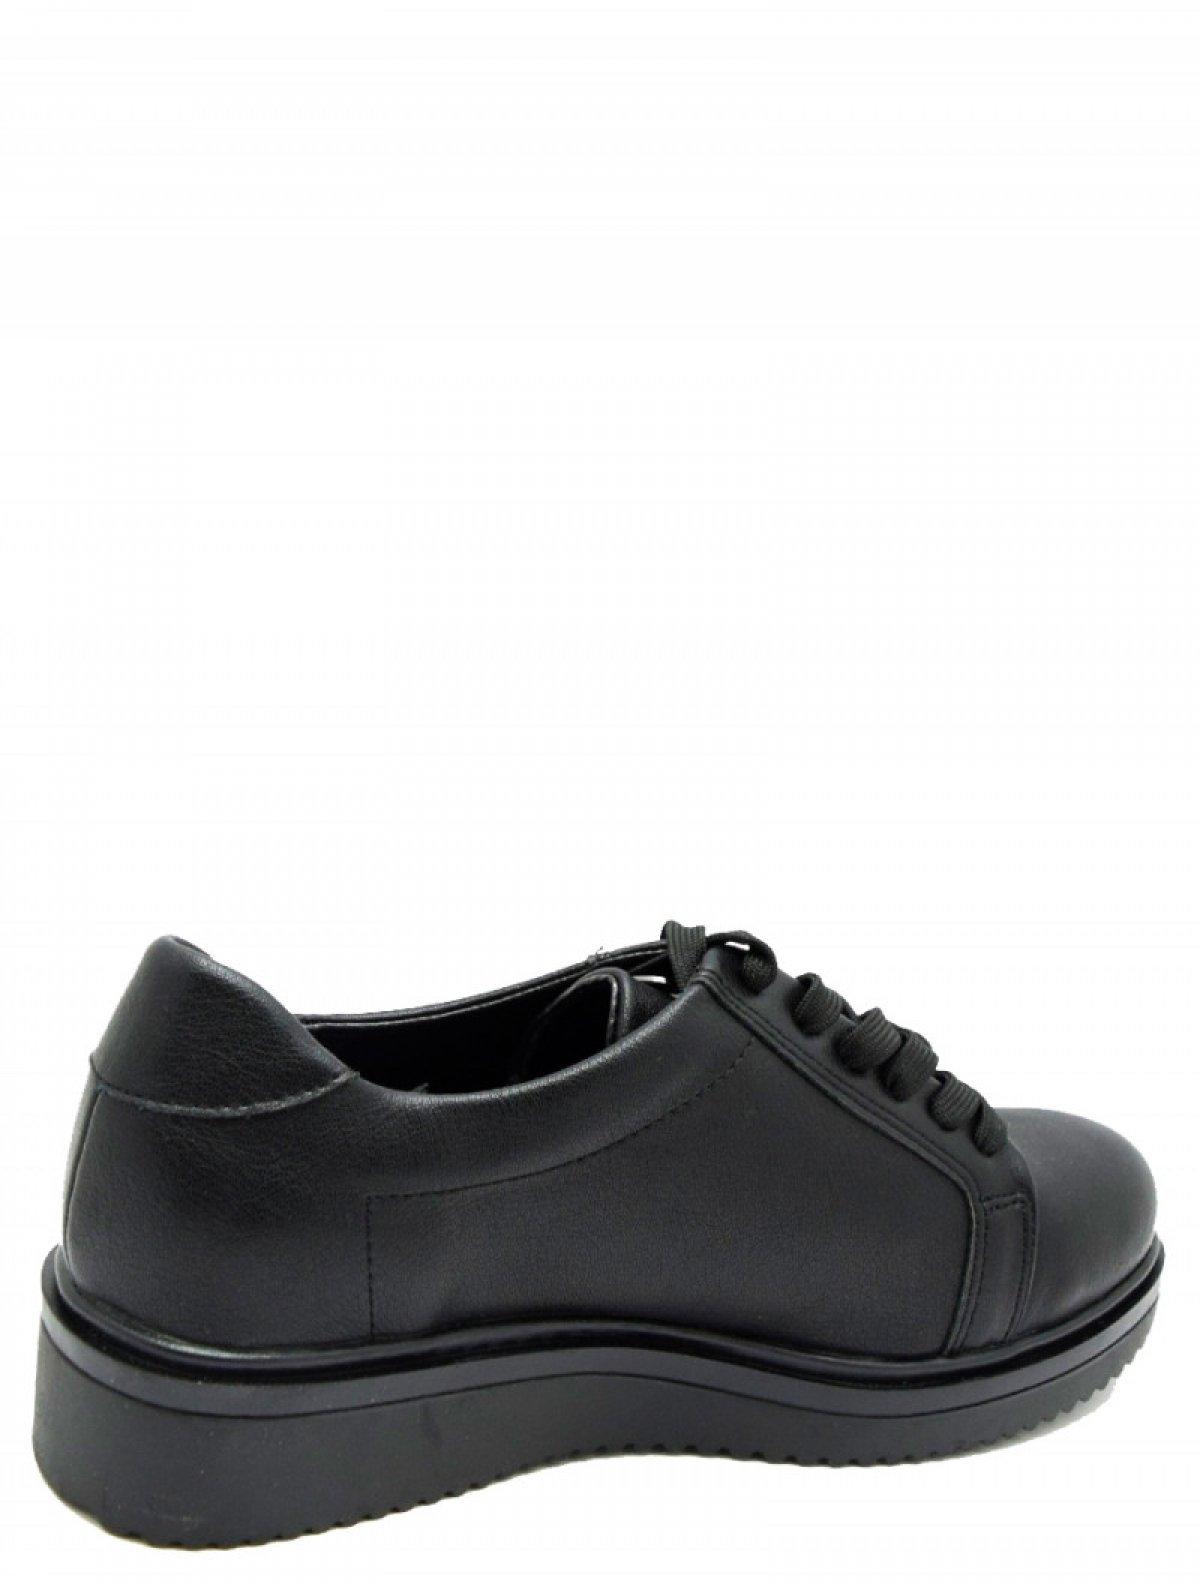 Admlis E5812 женские туфли